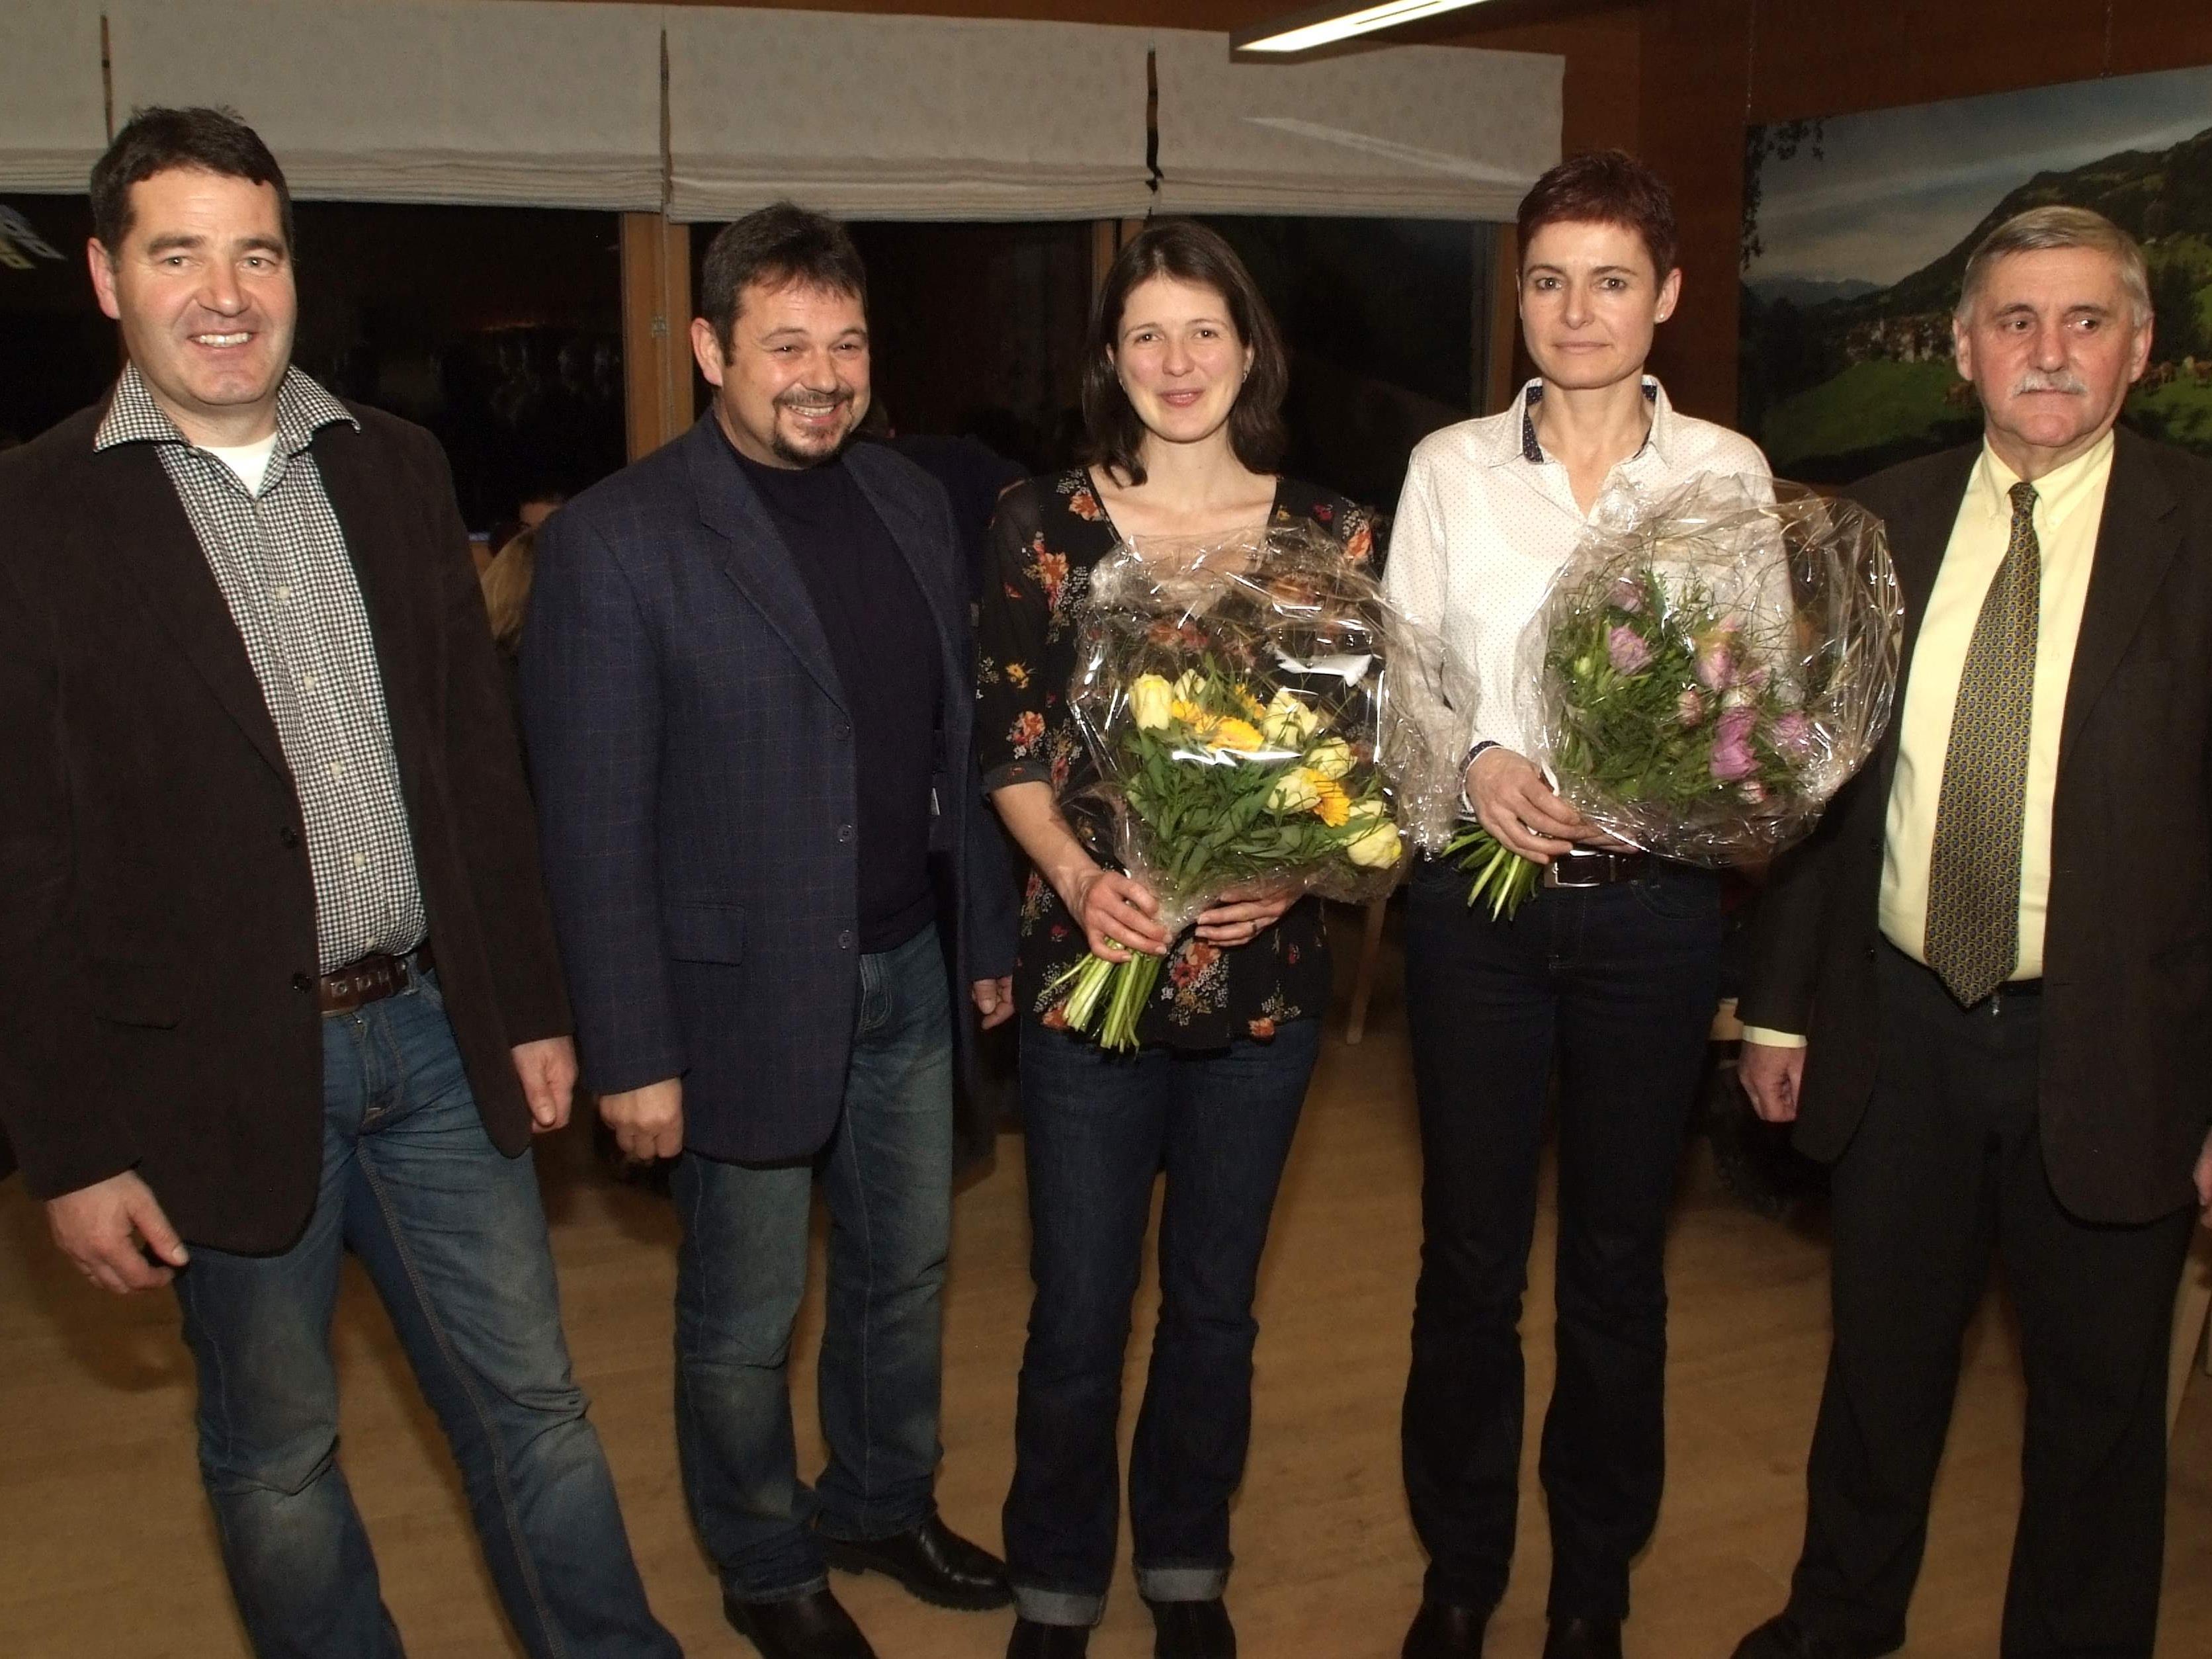 Die Dreiklang-Bürgermeister verabschiedeten Sabine Duelli und begrüßten Gabi Strolz.